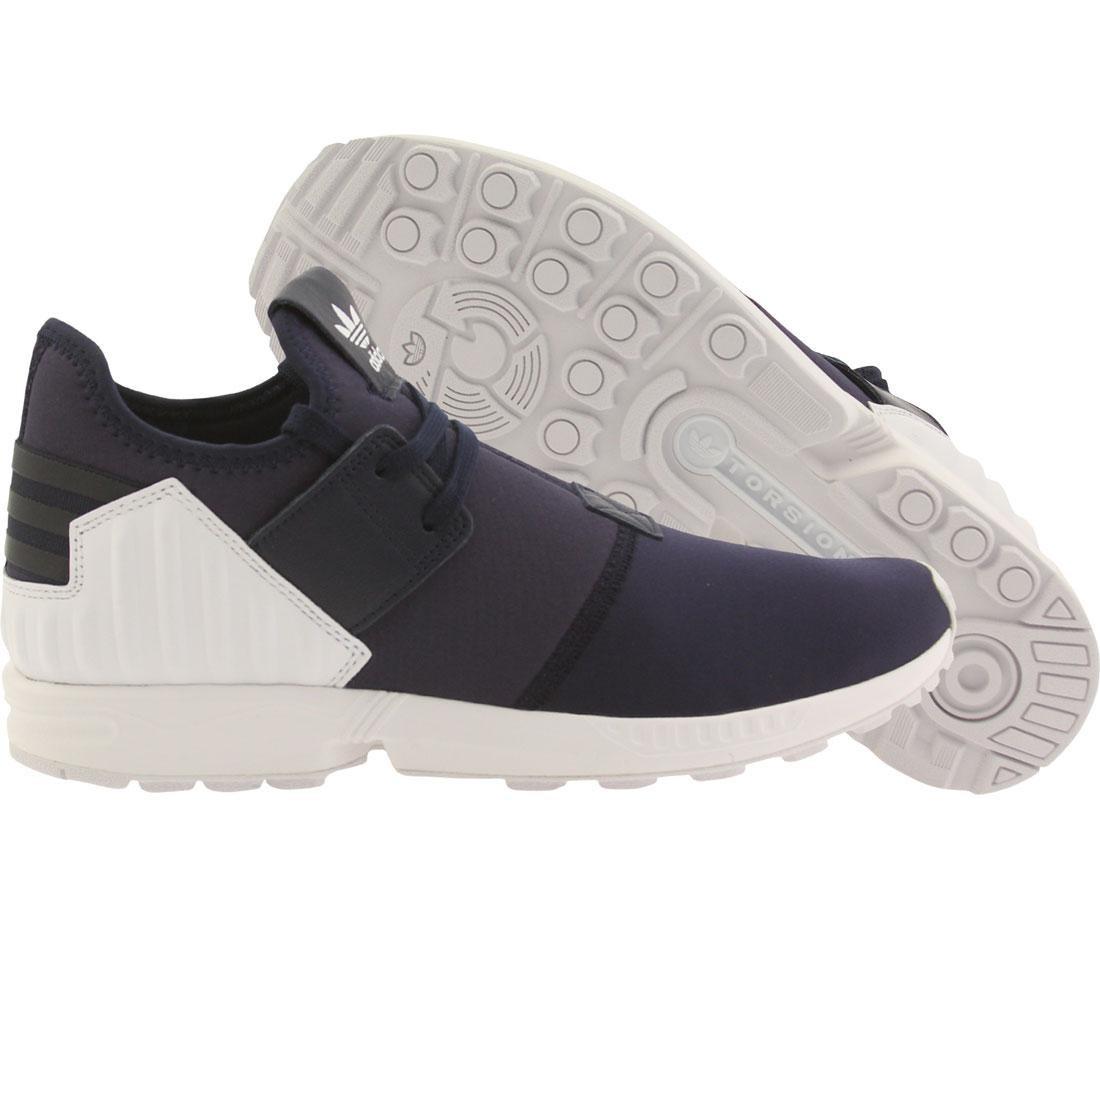 【海外限定】アディダス 紺 ネイビー メンズ靴 スニーカー 【 ADIDAS NAVY MEN ZX FLUX PLUS COLLEGIATE FOOTWEAR WHITE 】